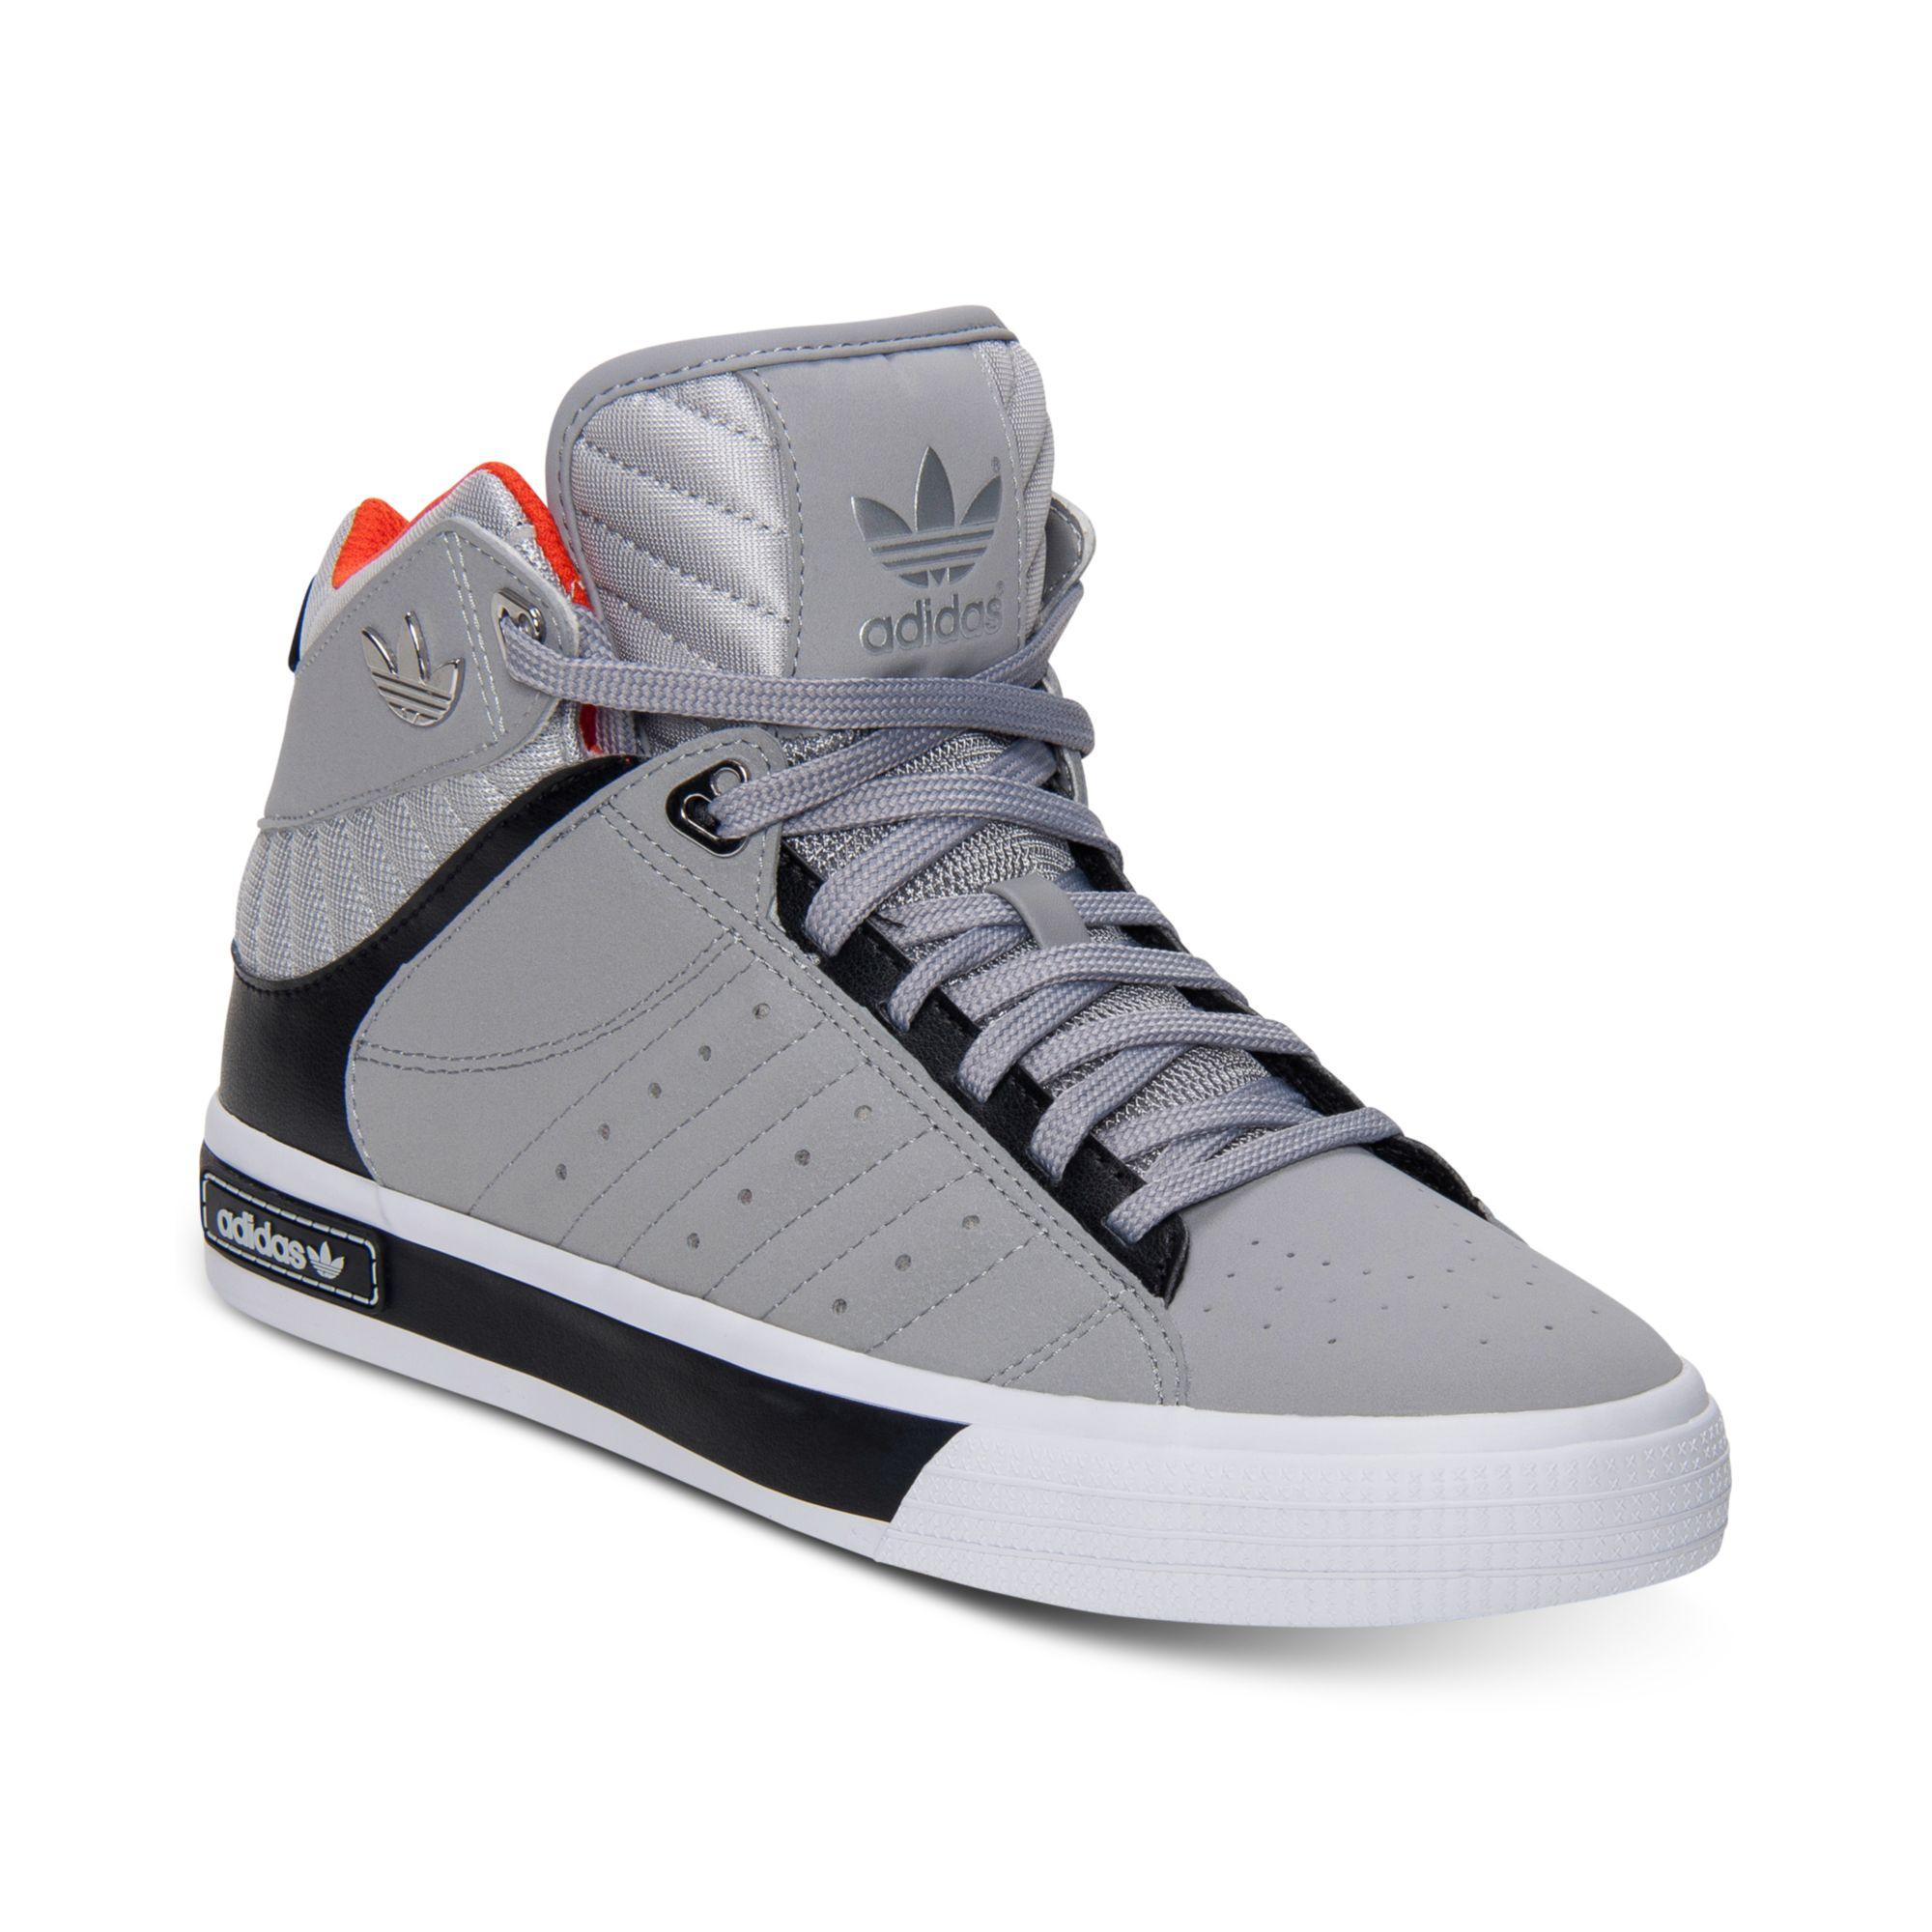 Lyst Adidas hombre  Casual zapatillas originales Fremont mediados de terminar